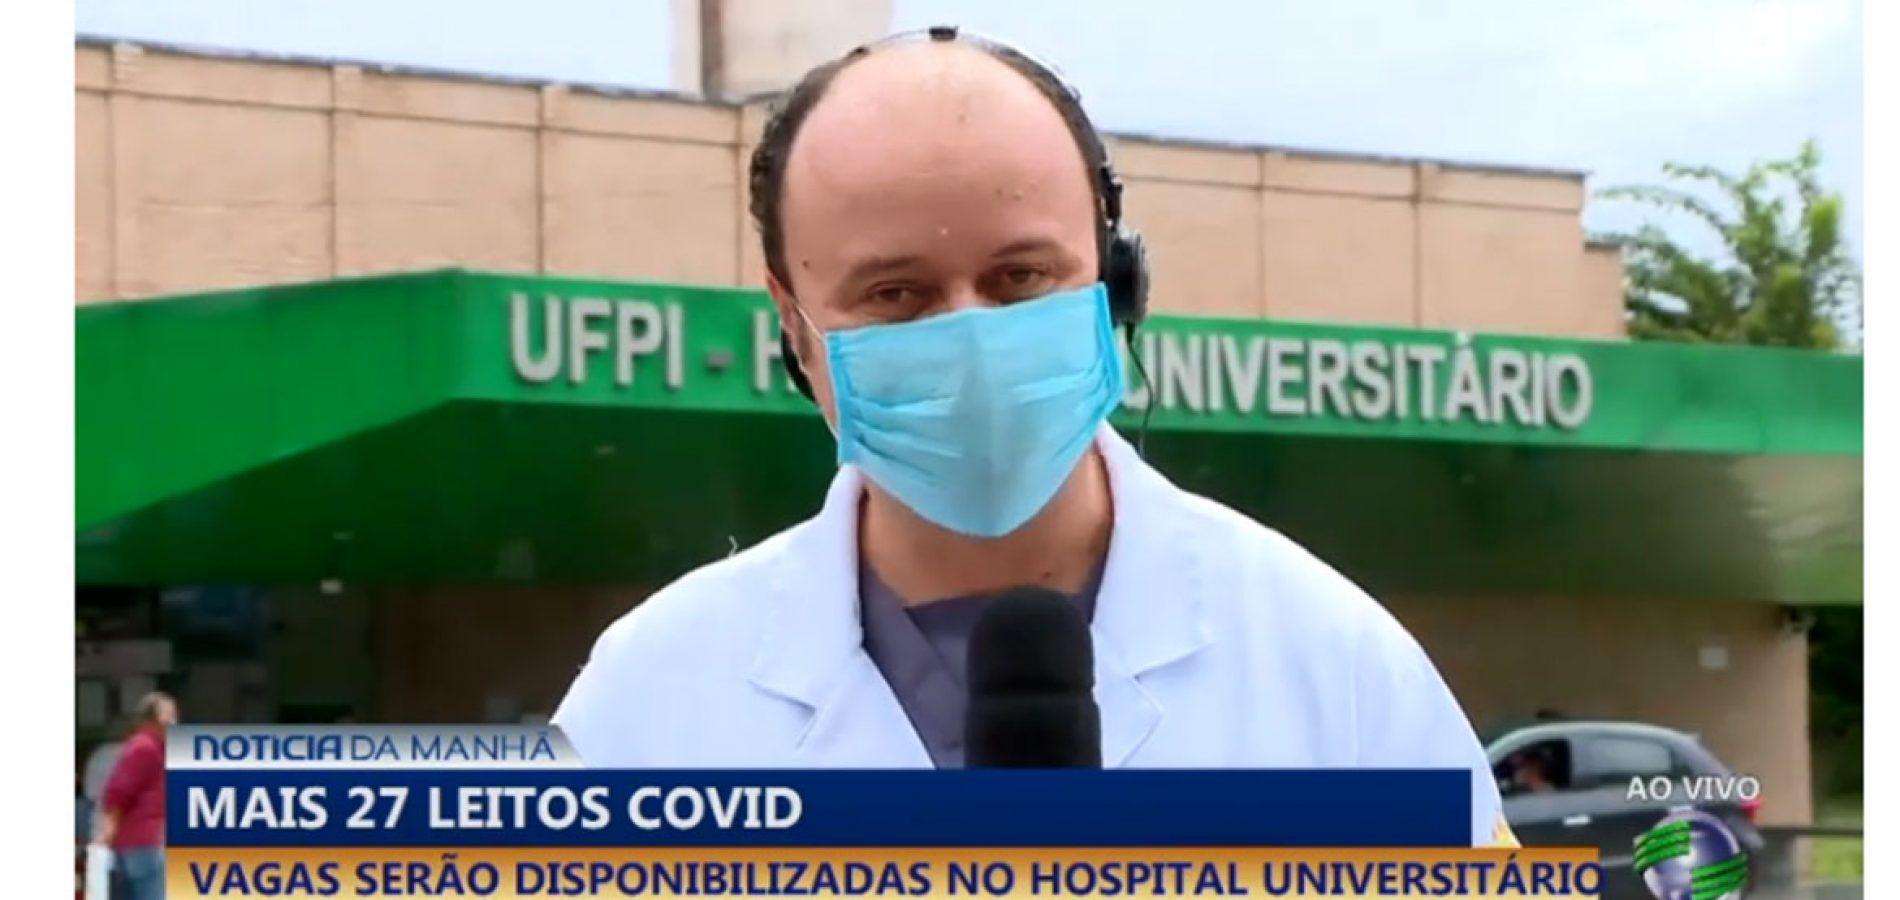 Em poucas horas, 27 leitos abertos no Hospital Universitário atingem lotação máxima